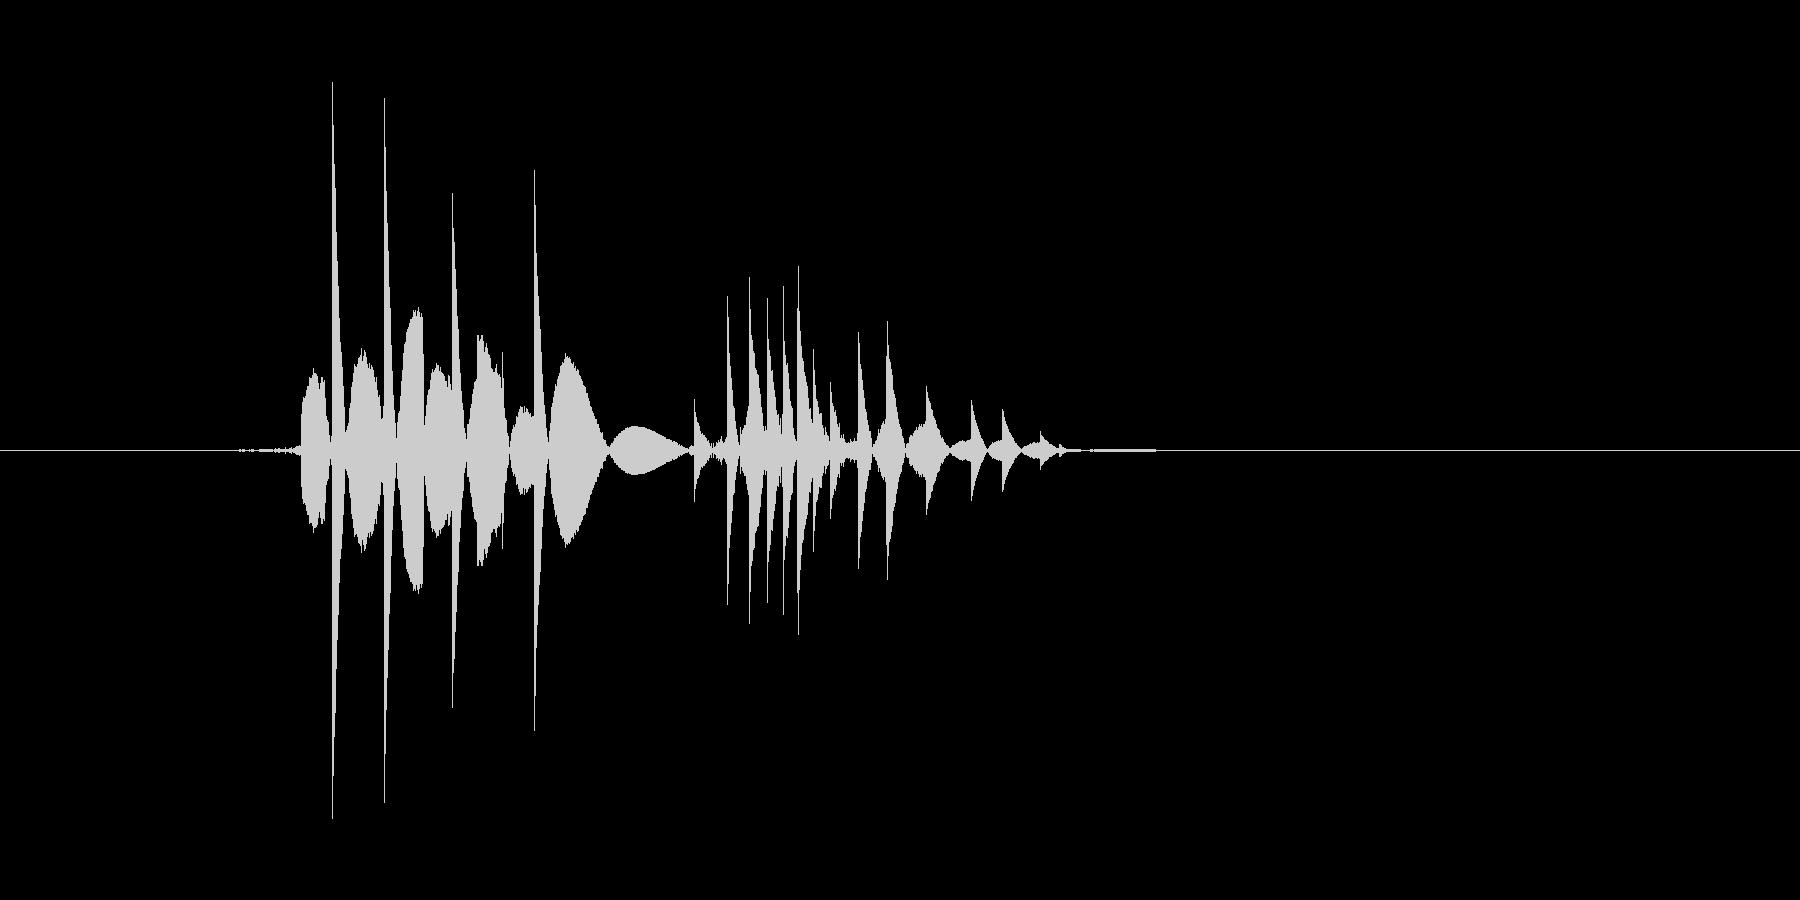 ゲーム(ファミコン風)爆発音_036の未再生の波形